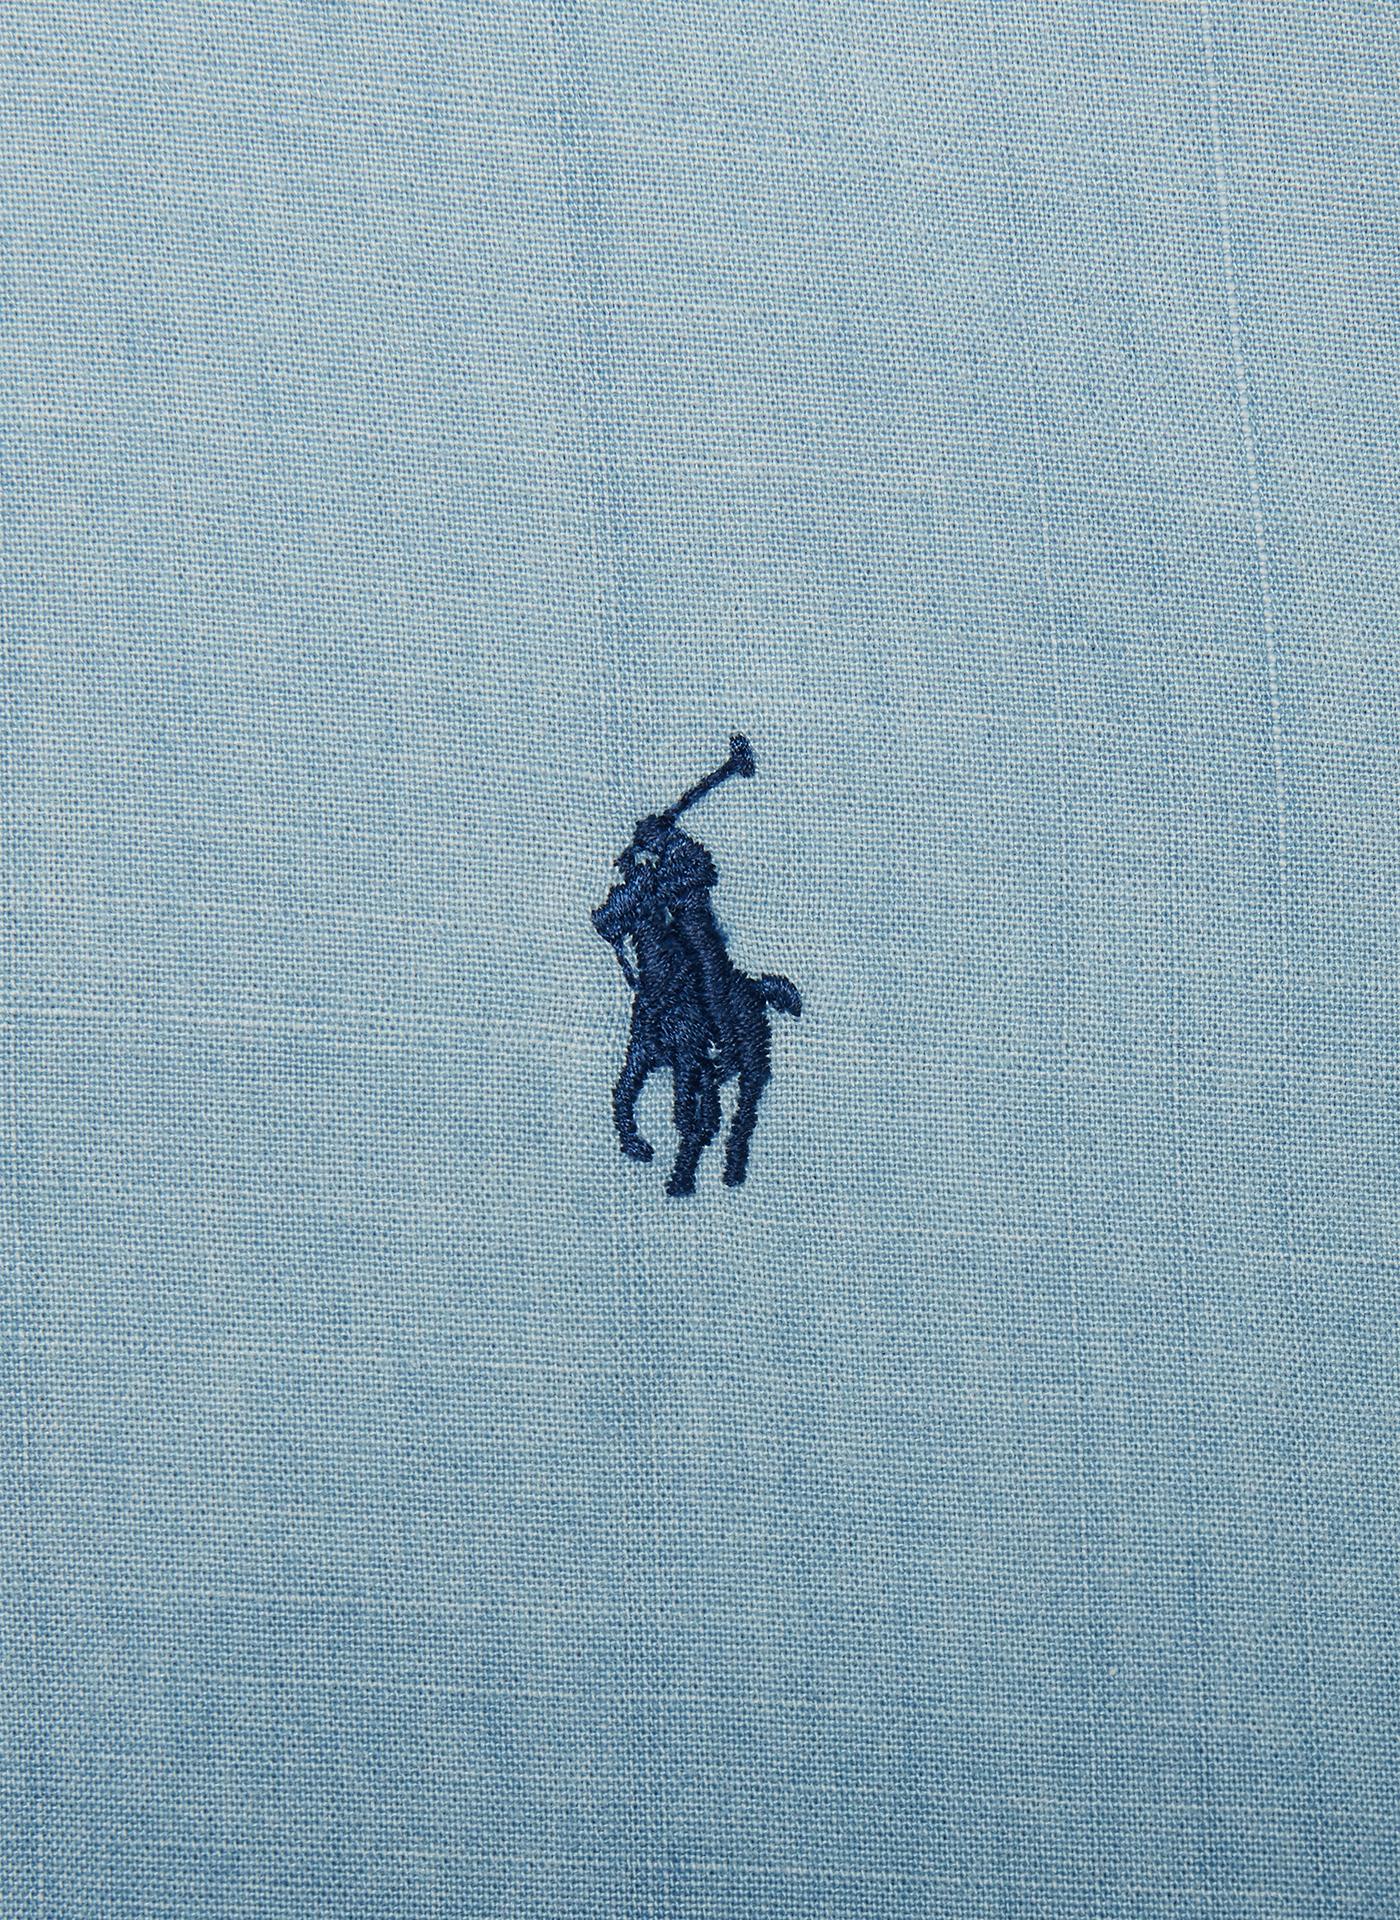 light blue denim  close up of the polo logo